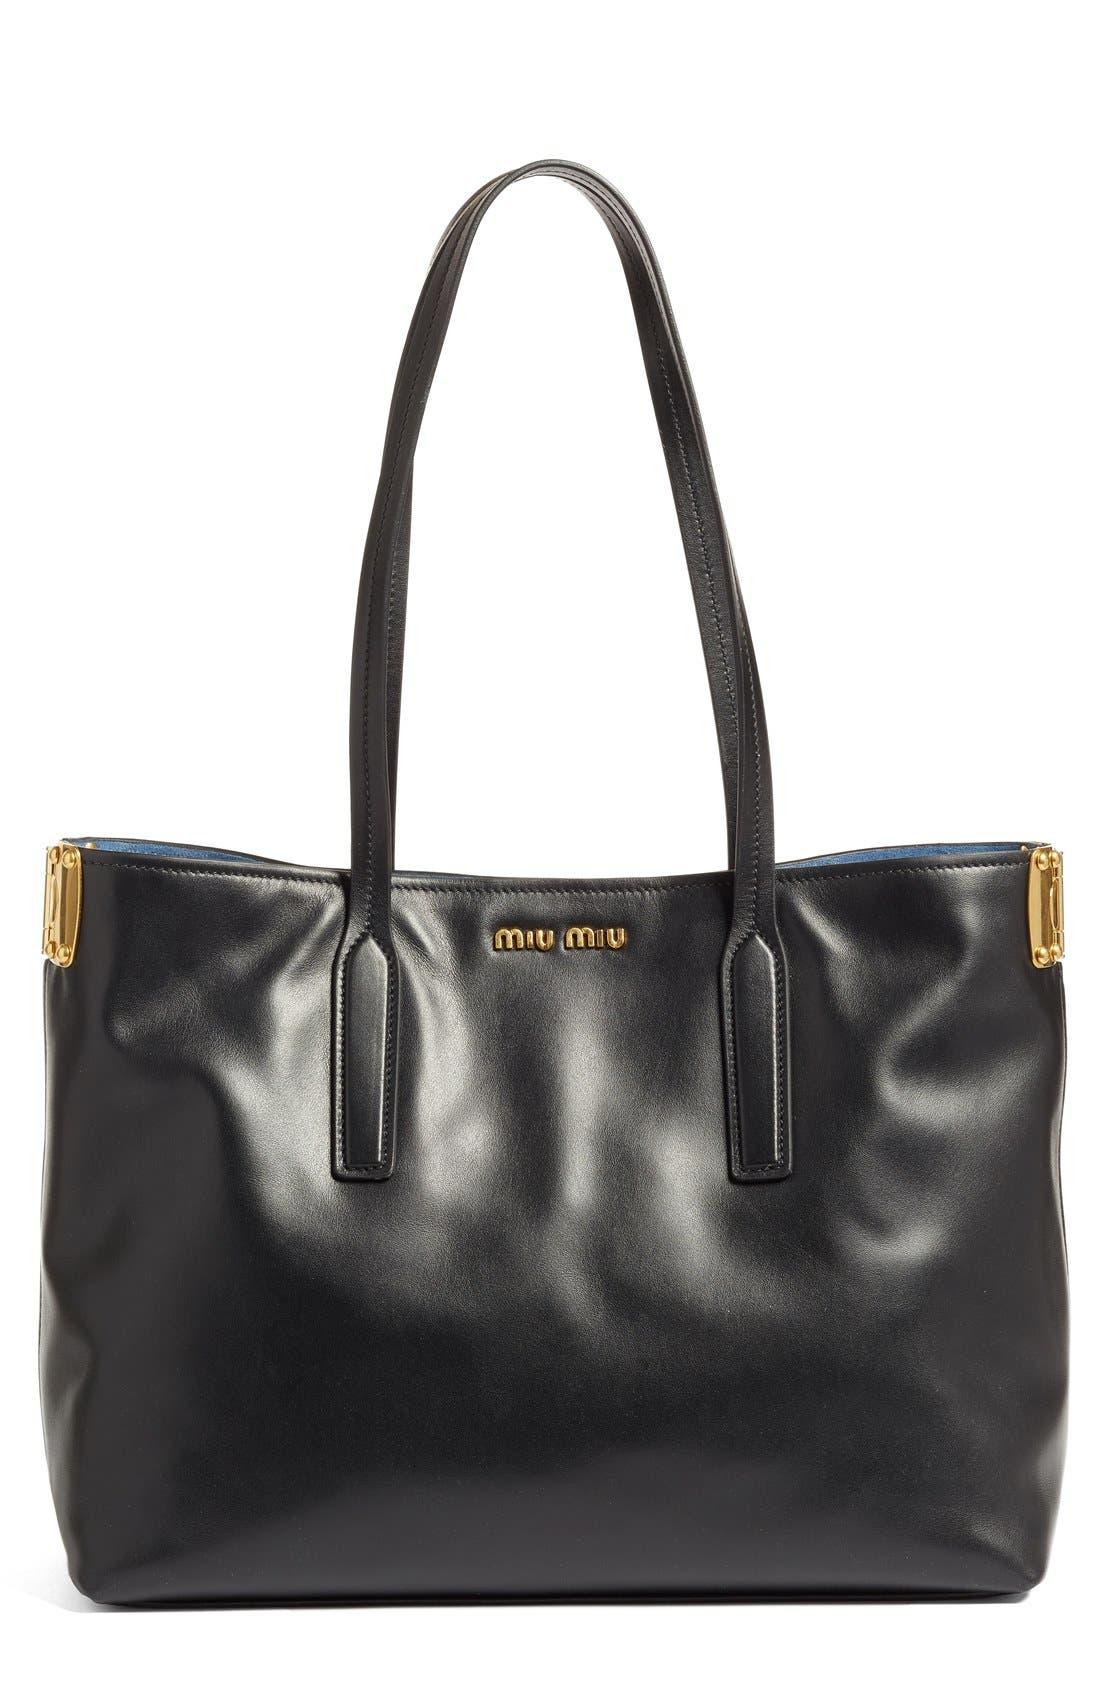 Miu Miu Small Calfskin Leather Shopper